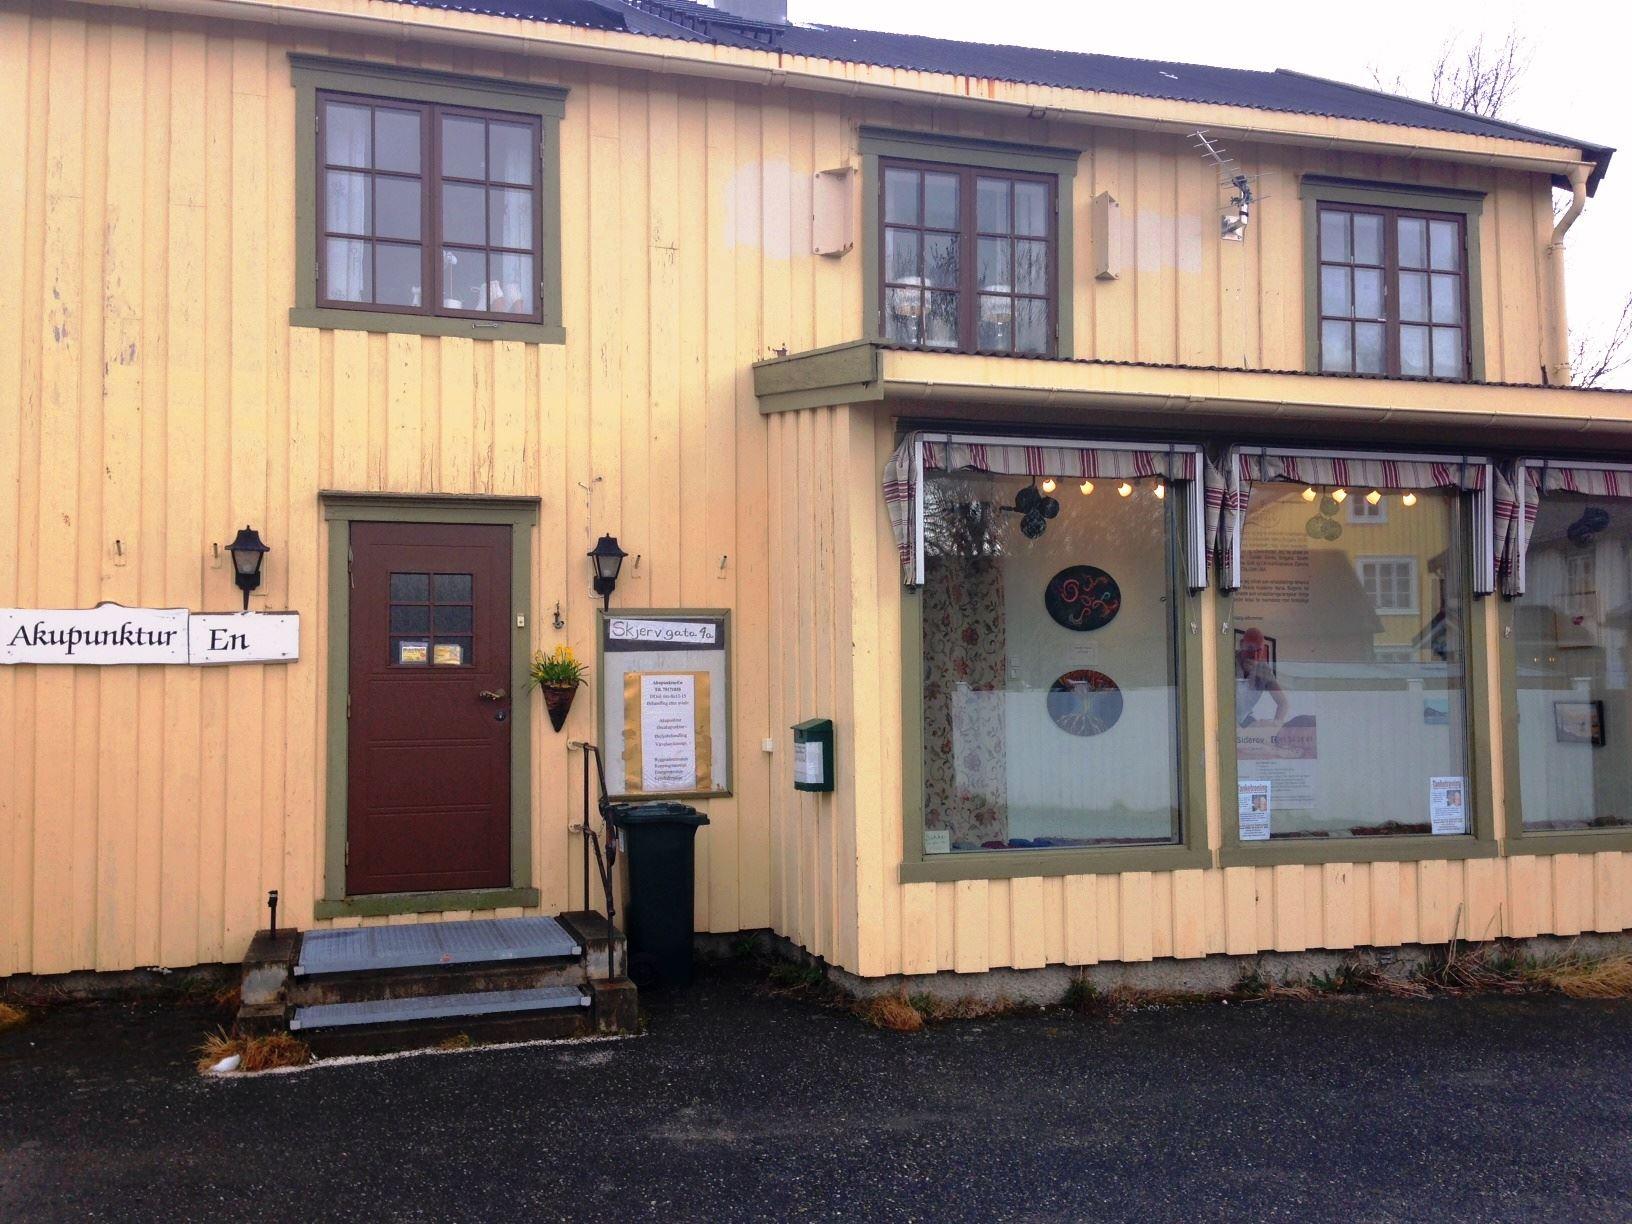 Helgeland Reiseliv,  © Helgeland Reiseliv, AkupunkturEn